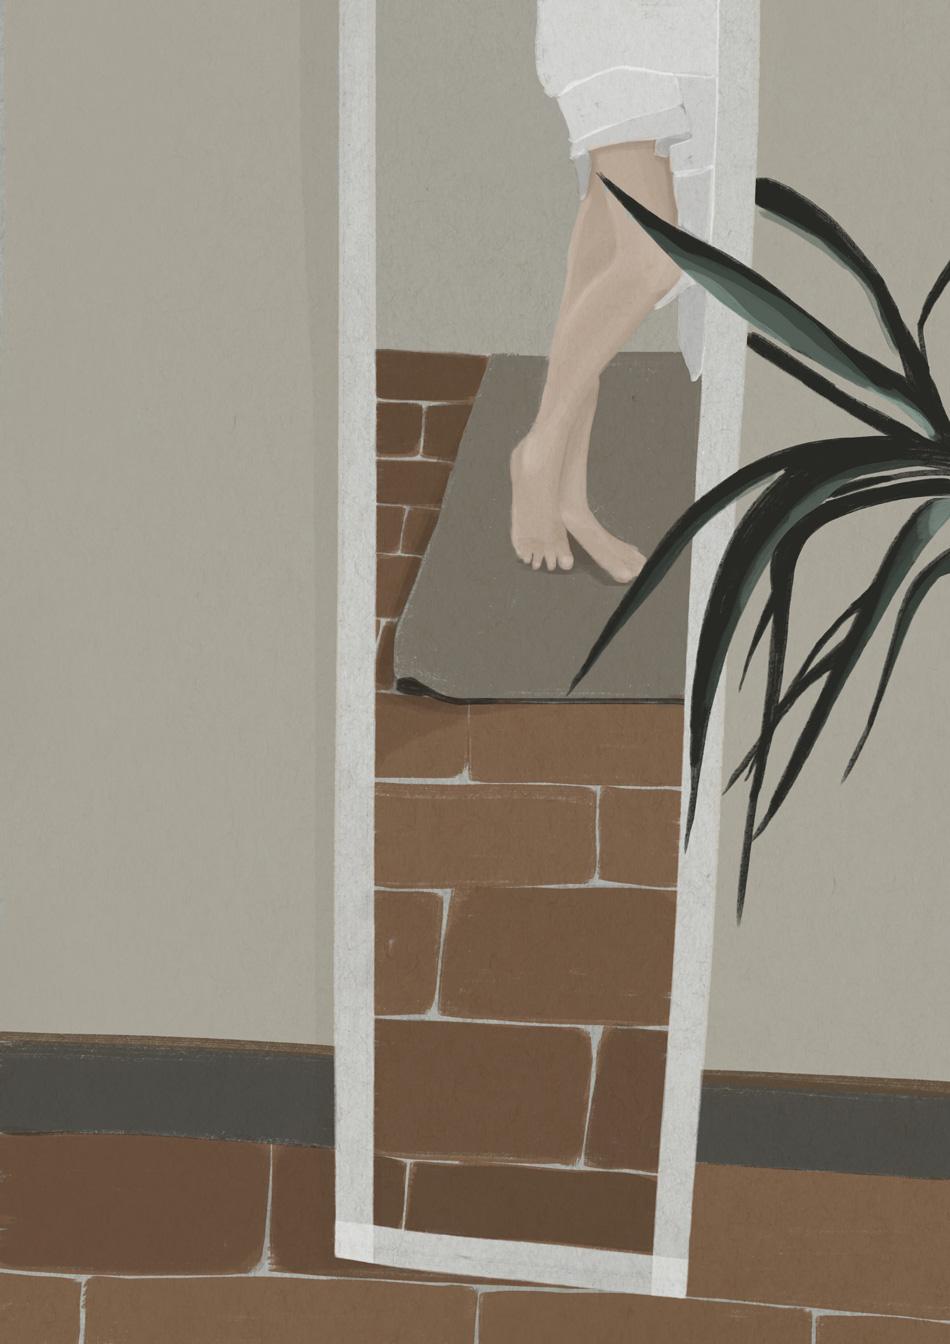 Life-IV-by-Paola-van-der-Hulst